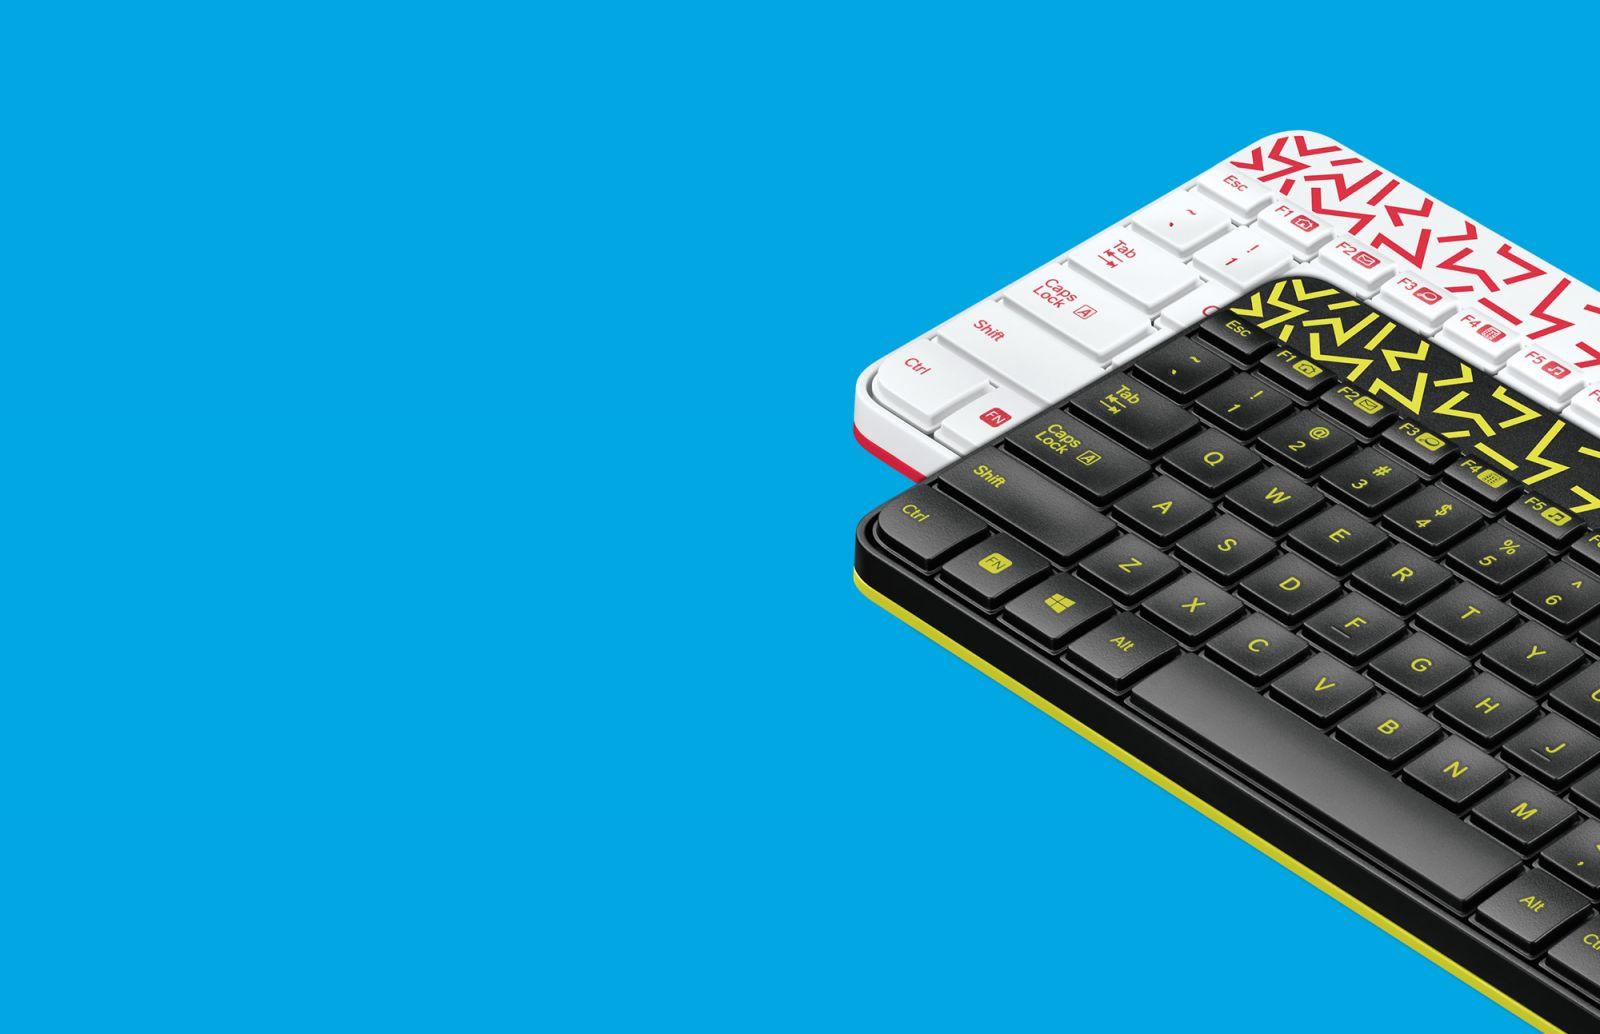 Logitech Keyboard And Mouse Wireless Combo Mk240 Nano Black Meja Kerja Anda Akan Tampak Menonjol Dengan Aksen Warna Yang Cerah Desain Unik Dan Pola Kontras Segar